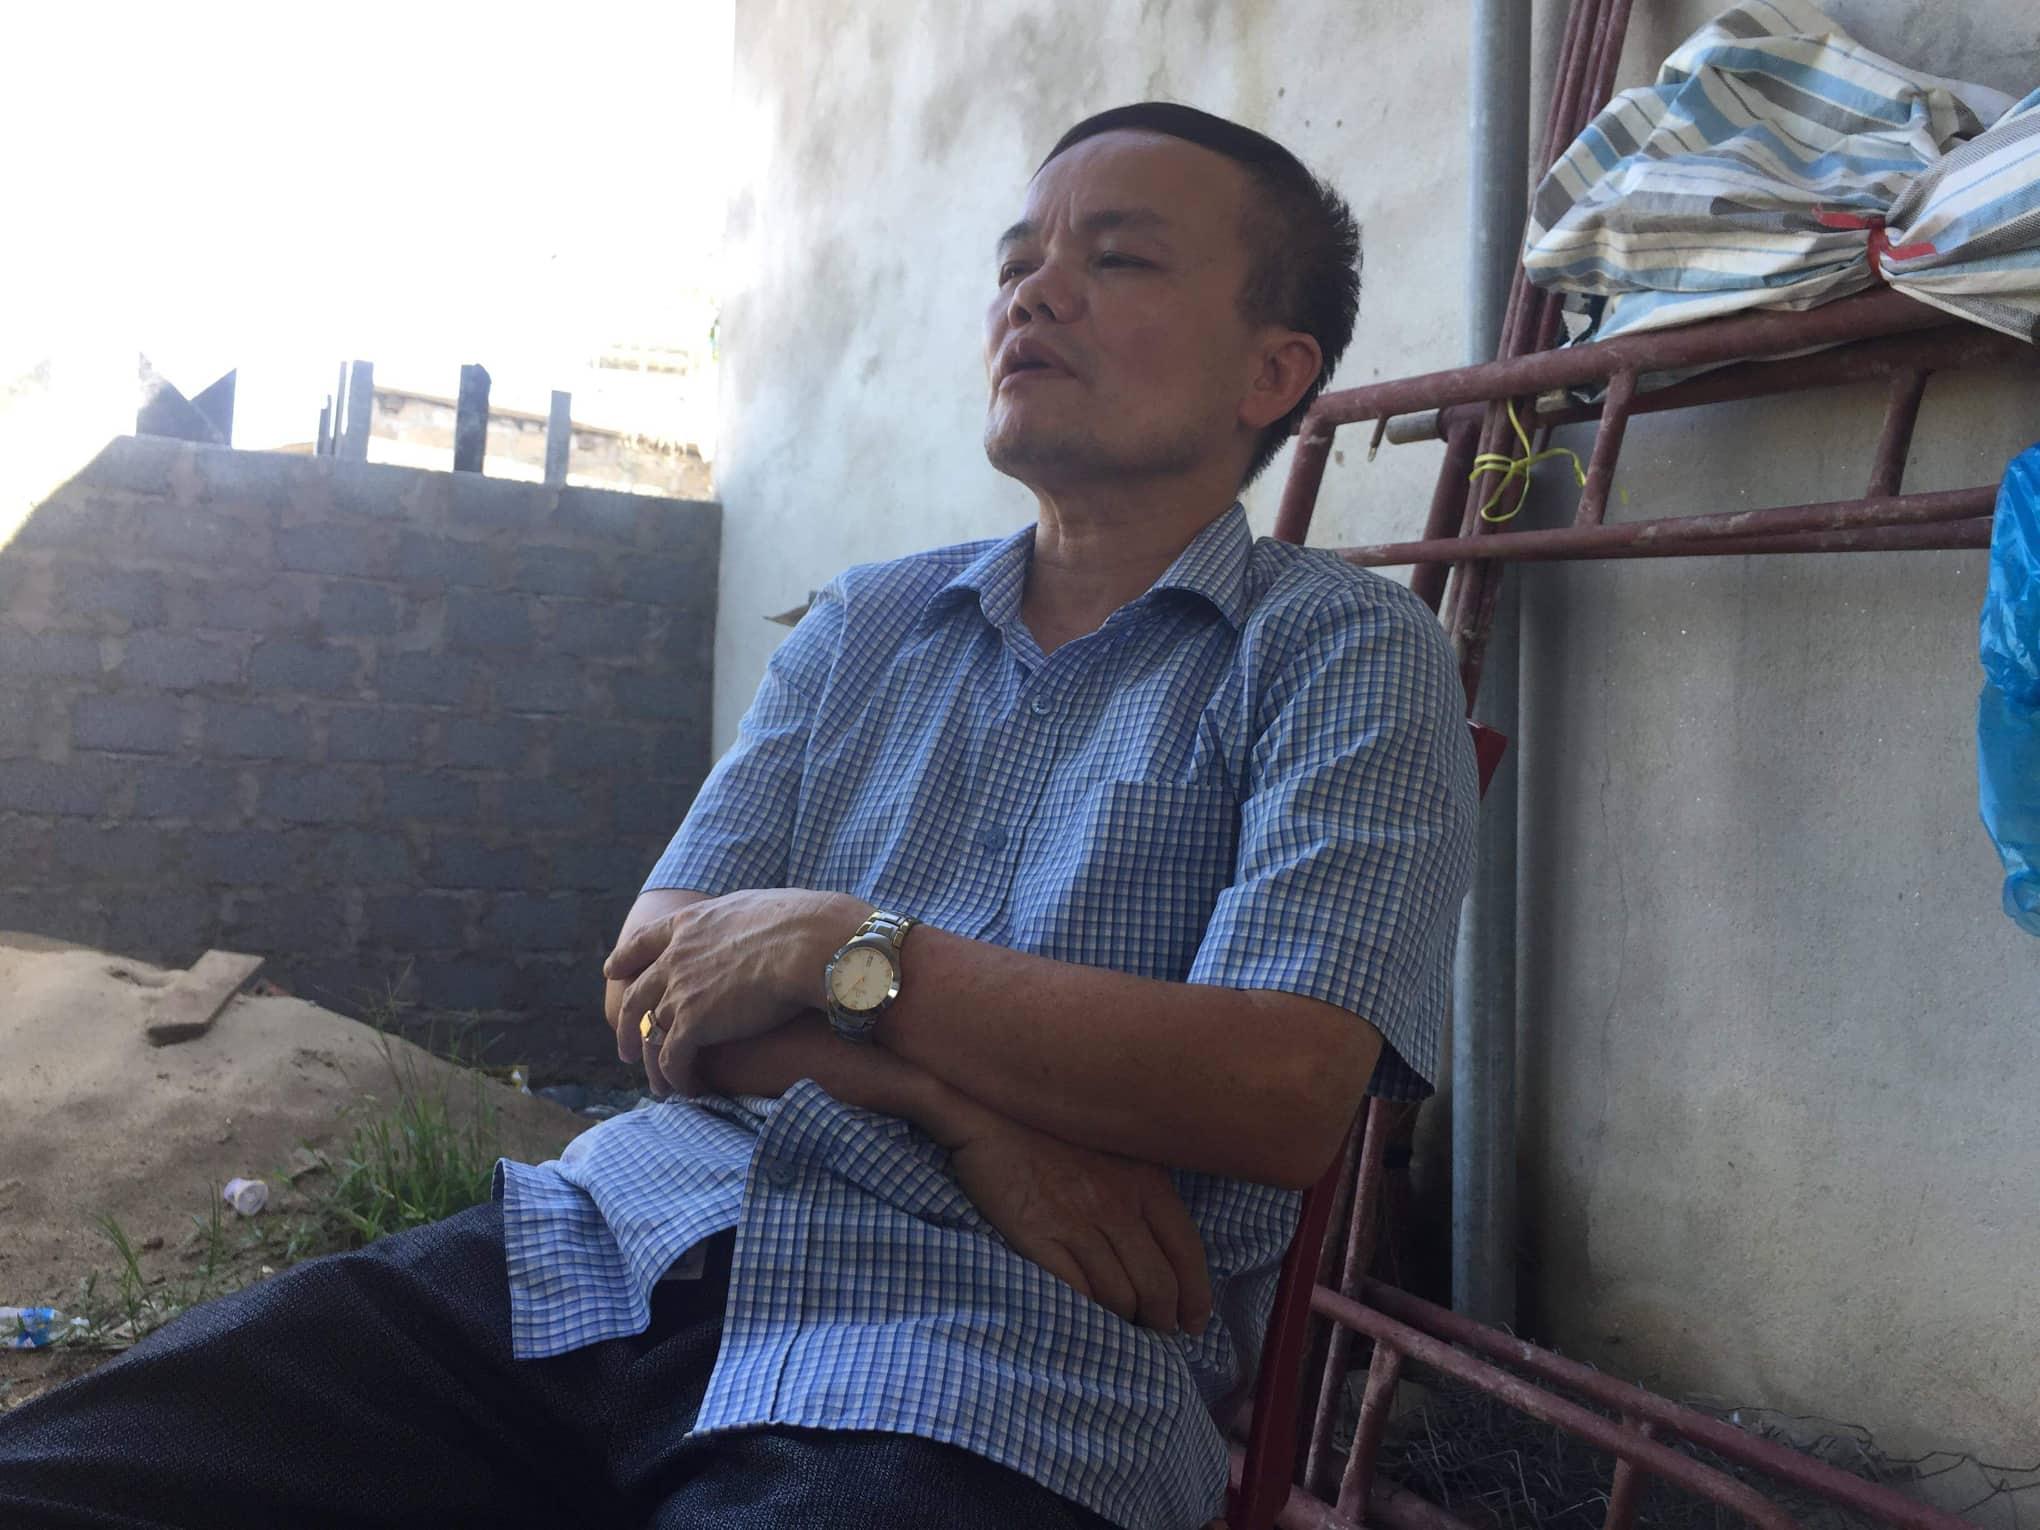 Thai nhi tử vong với vết đứt ngang cổ: Tiết lộ sốc của bác sĩ trực chính - 1